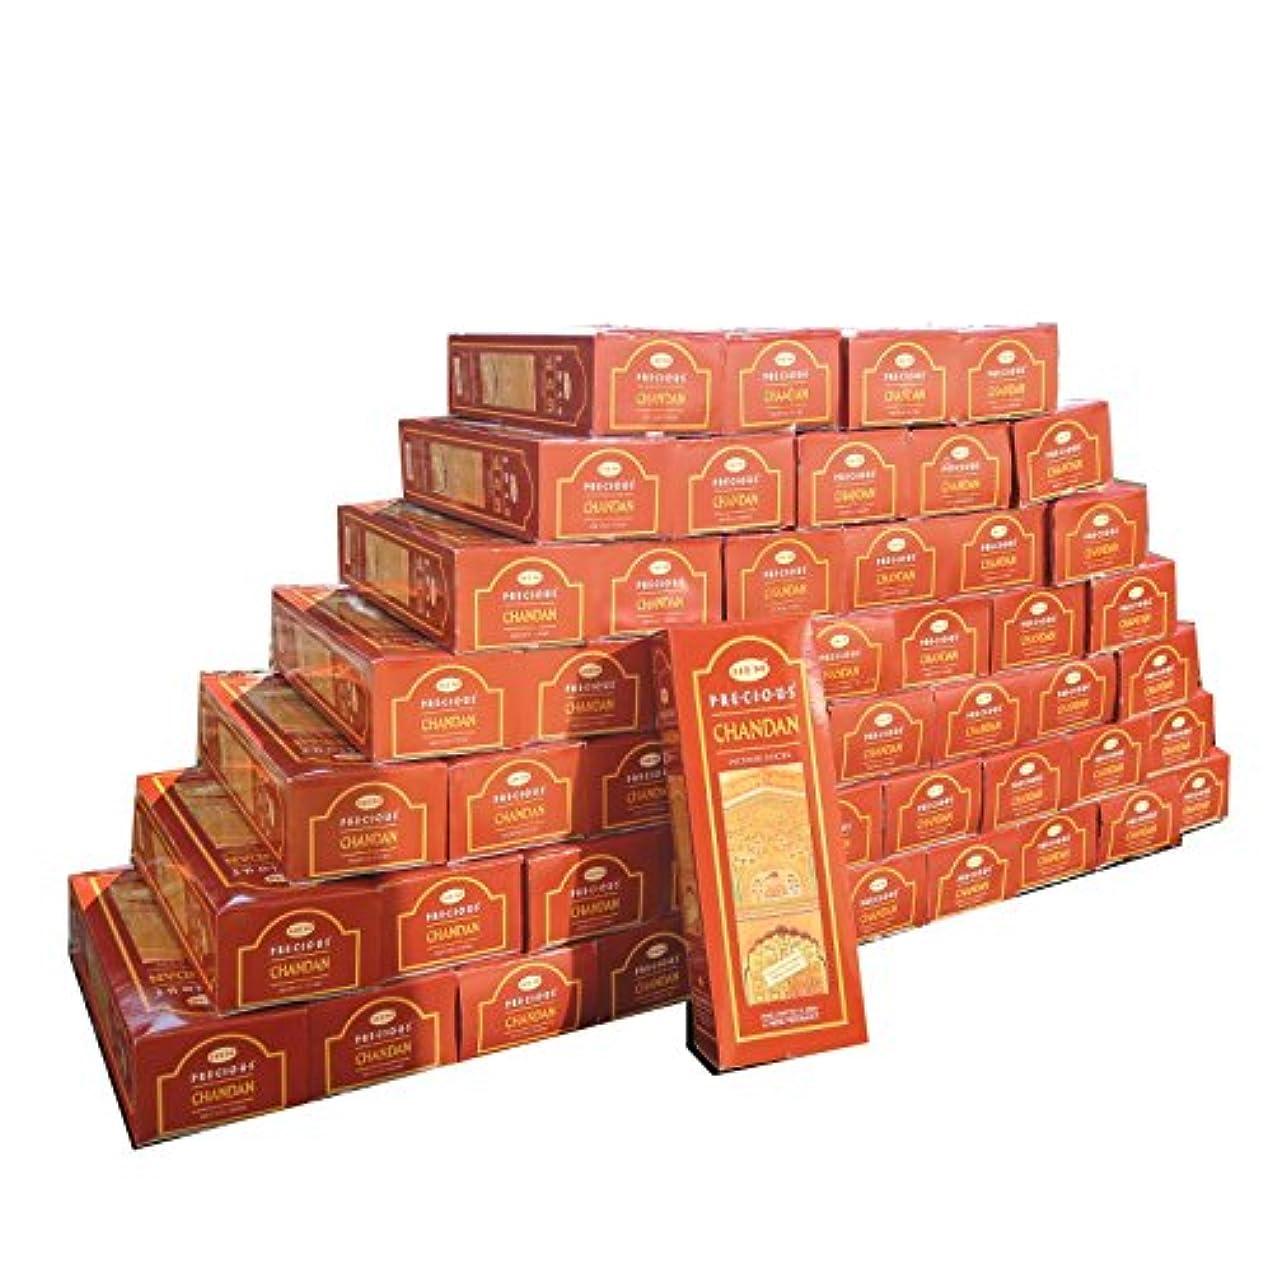 建築つかの間妥協業務用 インドスティック形お香 プレシャスチャンダン 300箱入り